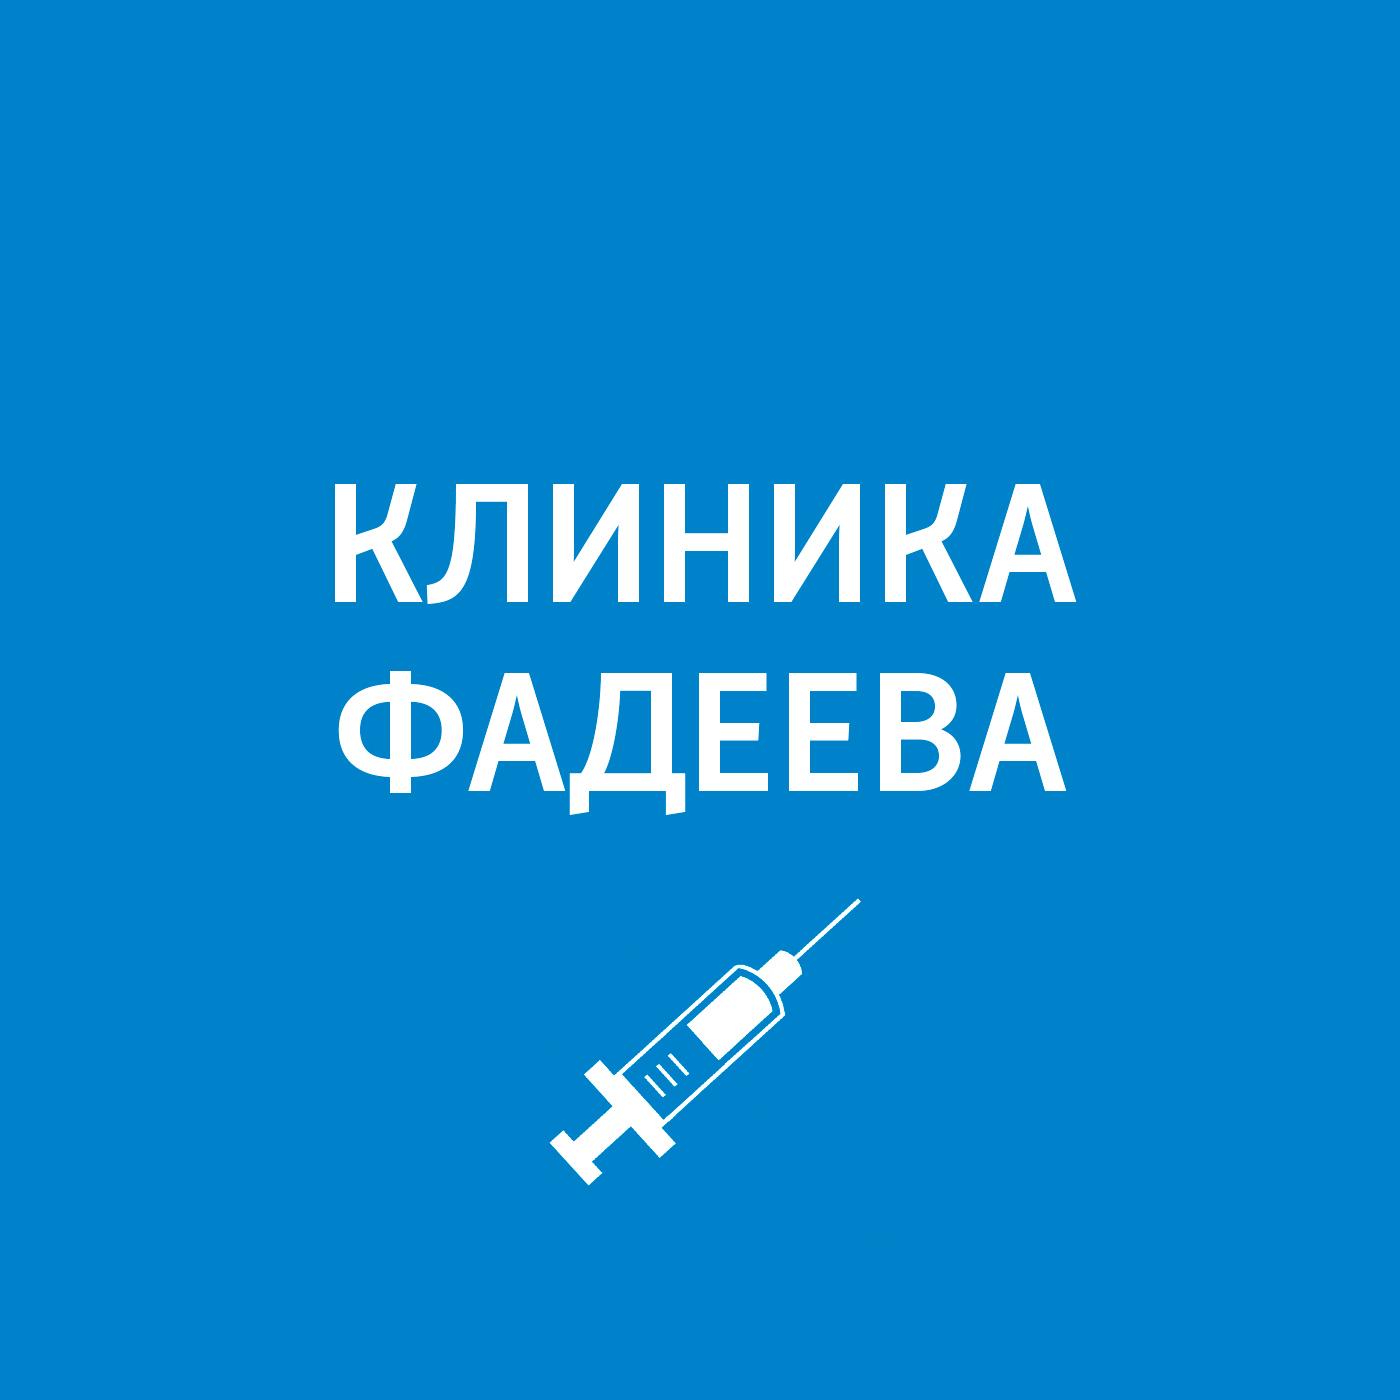 Пётр Фадеев Врач-пульмонолог пётр фадеев кинезиолог остеопат